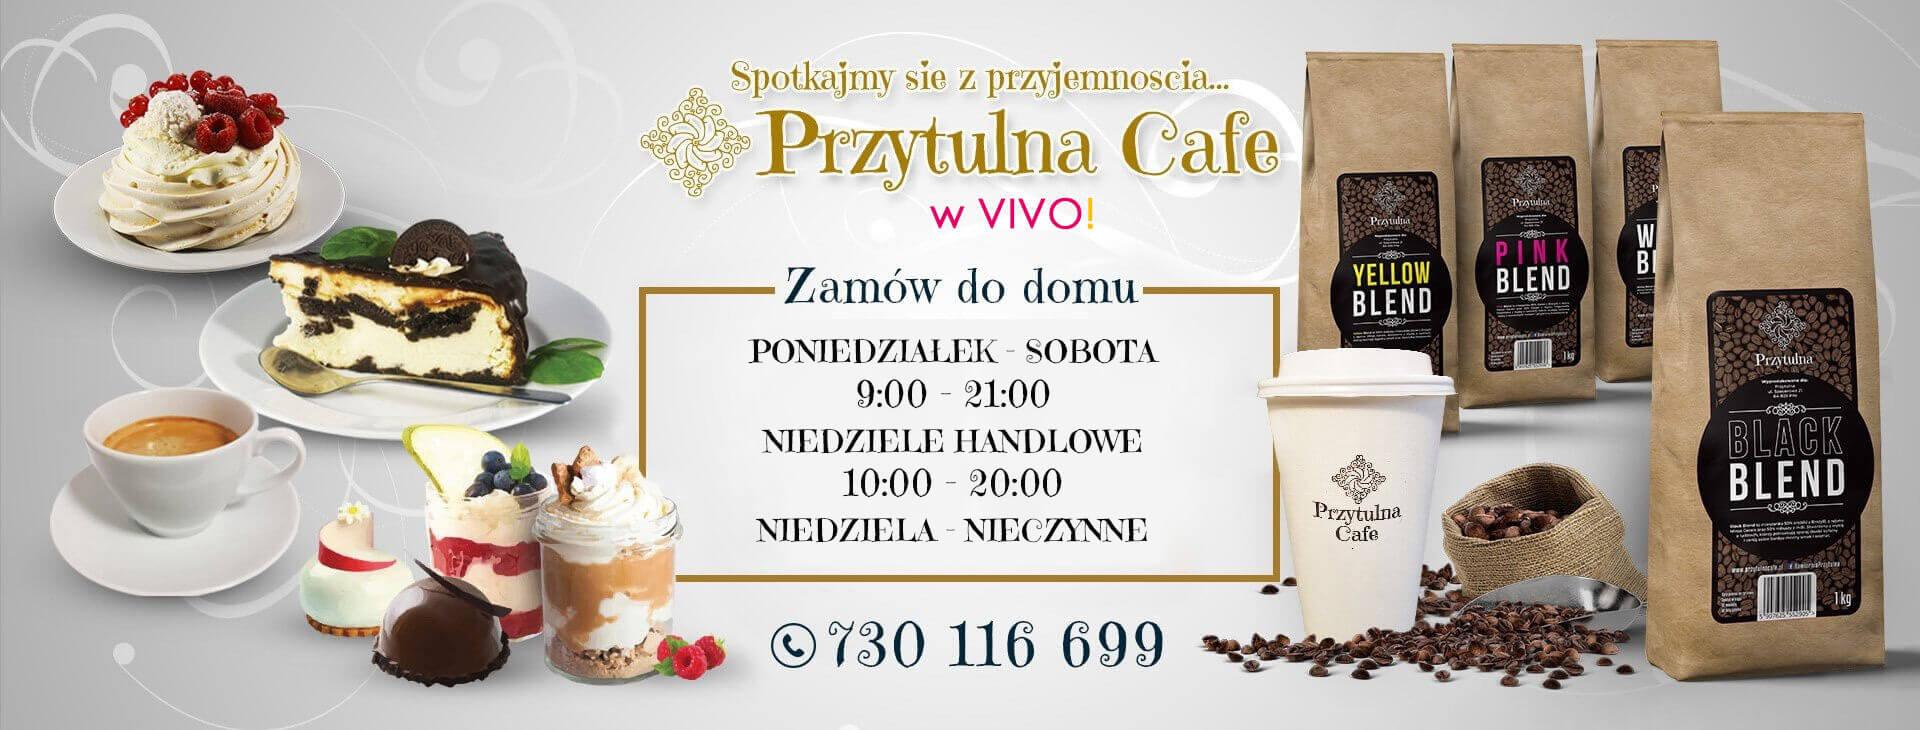 Przytulna Cafe Vivo